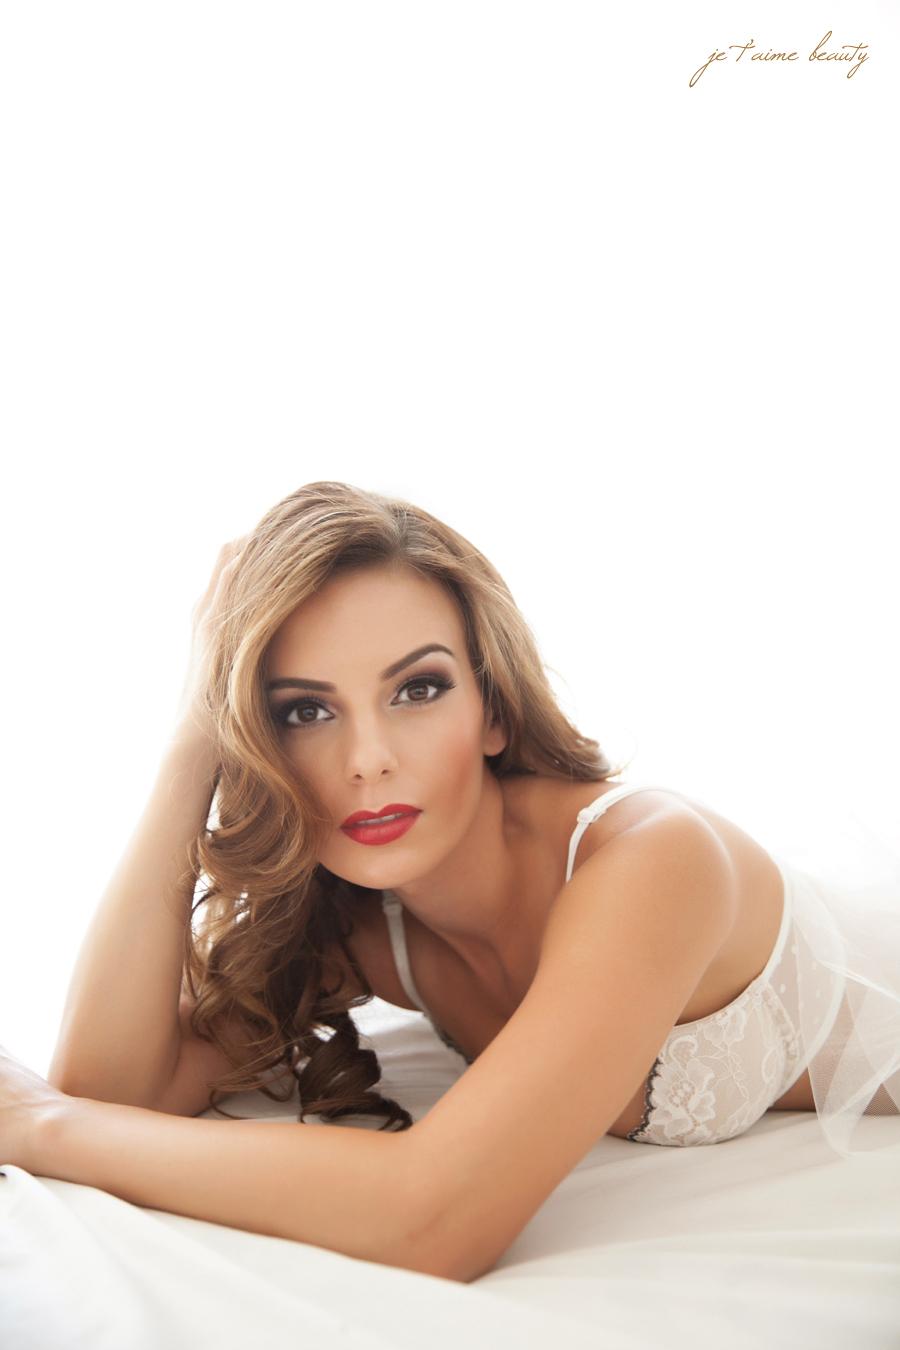 BRIDAL BOUDOIR | Je T'aime Beauty